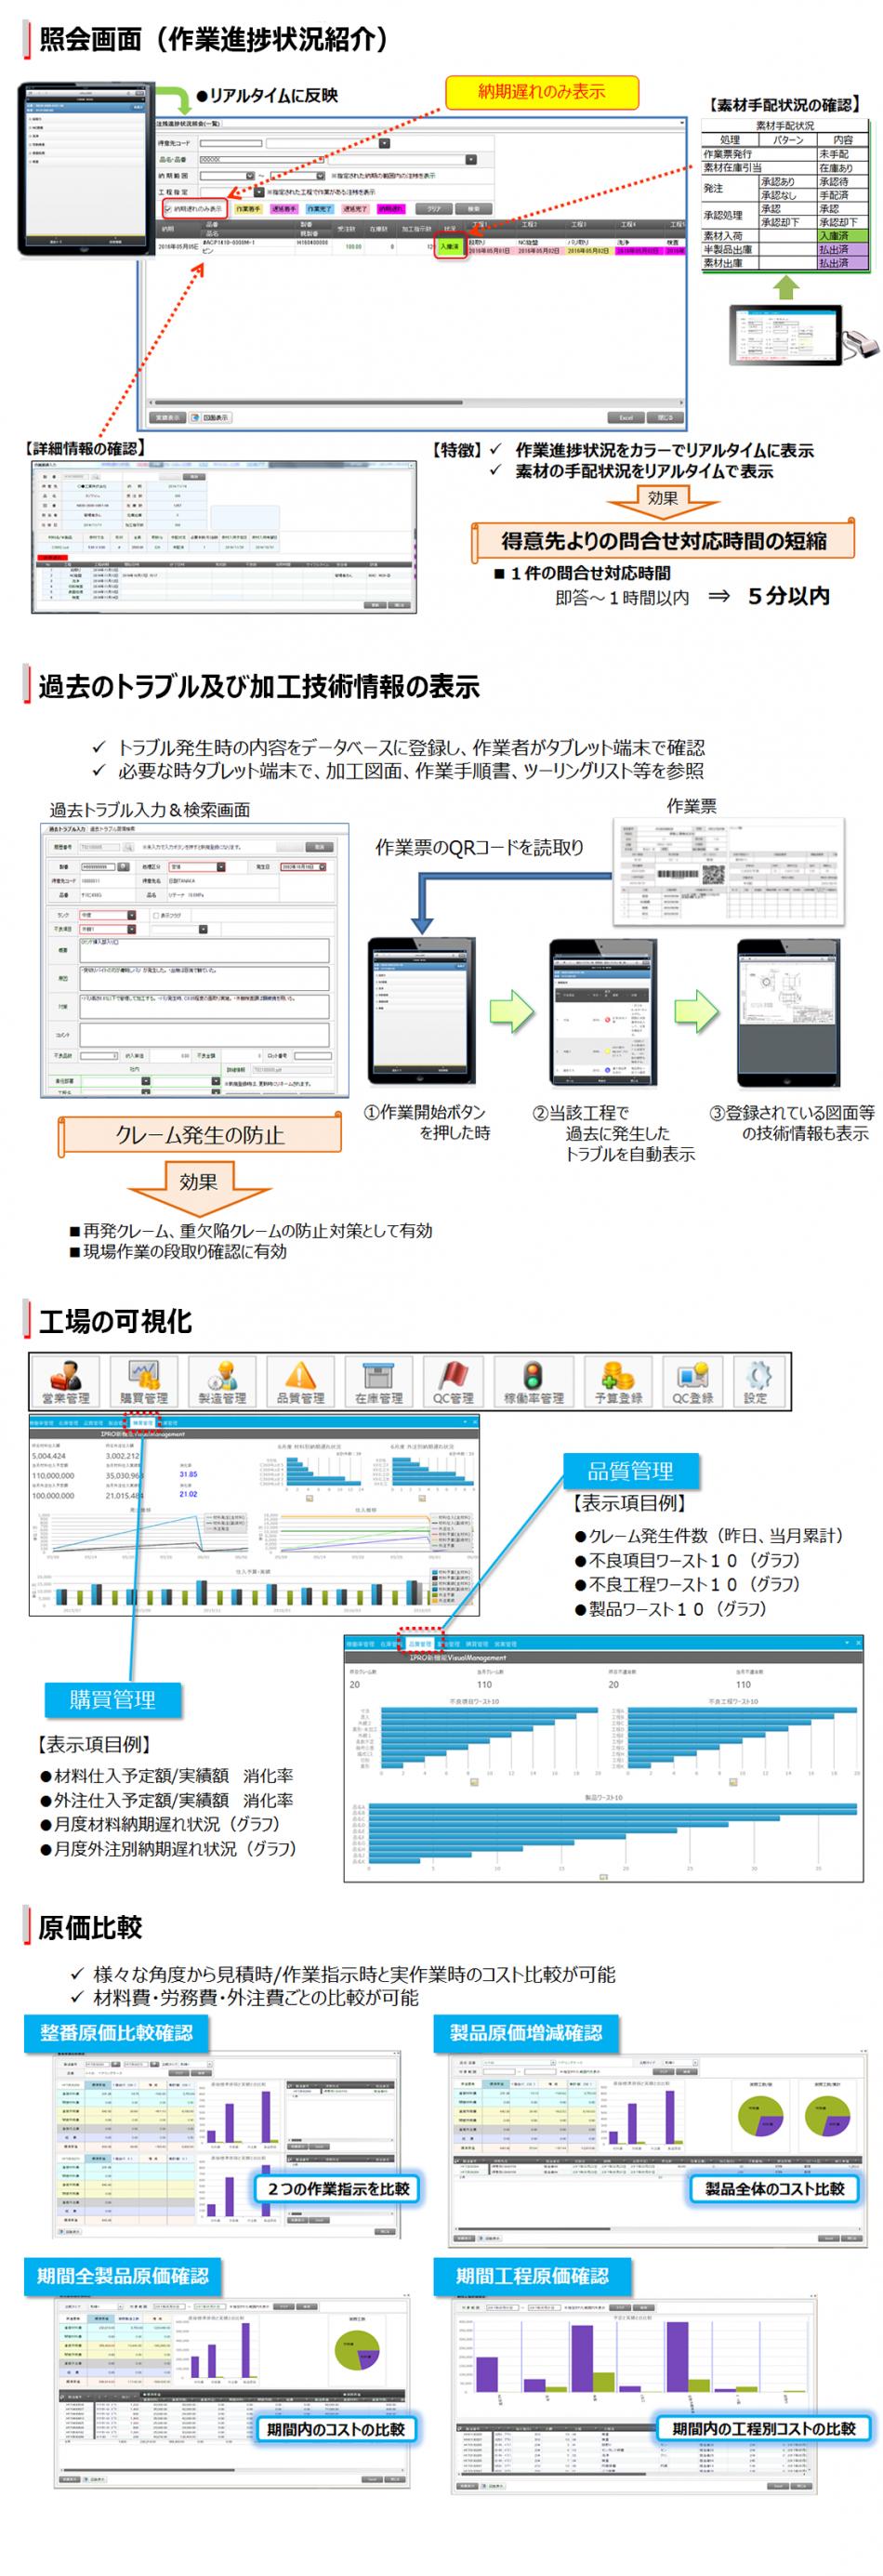 i-PROERP3製品詳細3